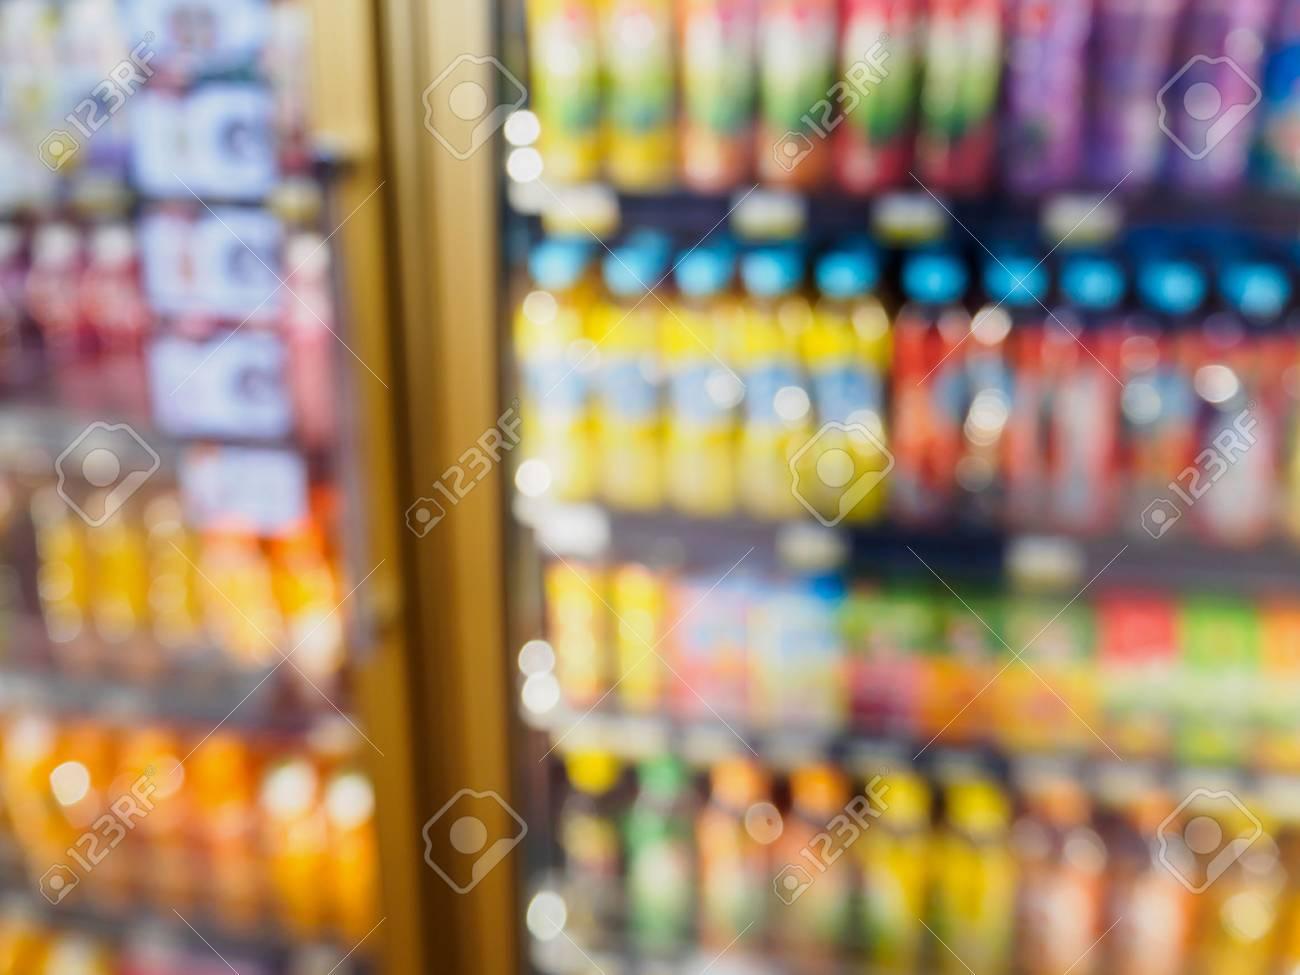 Supermarkt Kühlschrank Regale Mit Getränken Getränkeprodukte ...